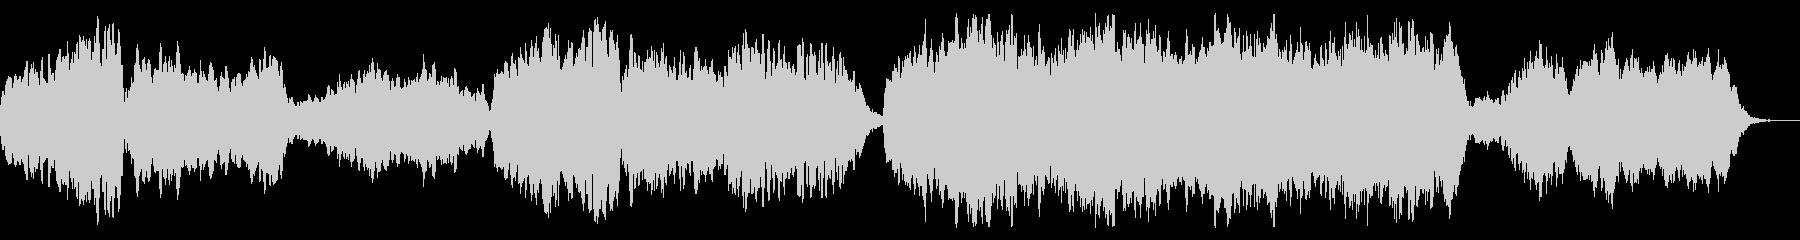 切ないメロディのファンタジーなBGMの未再生の波形